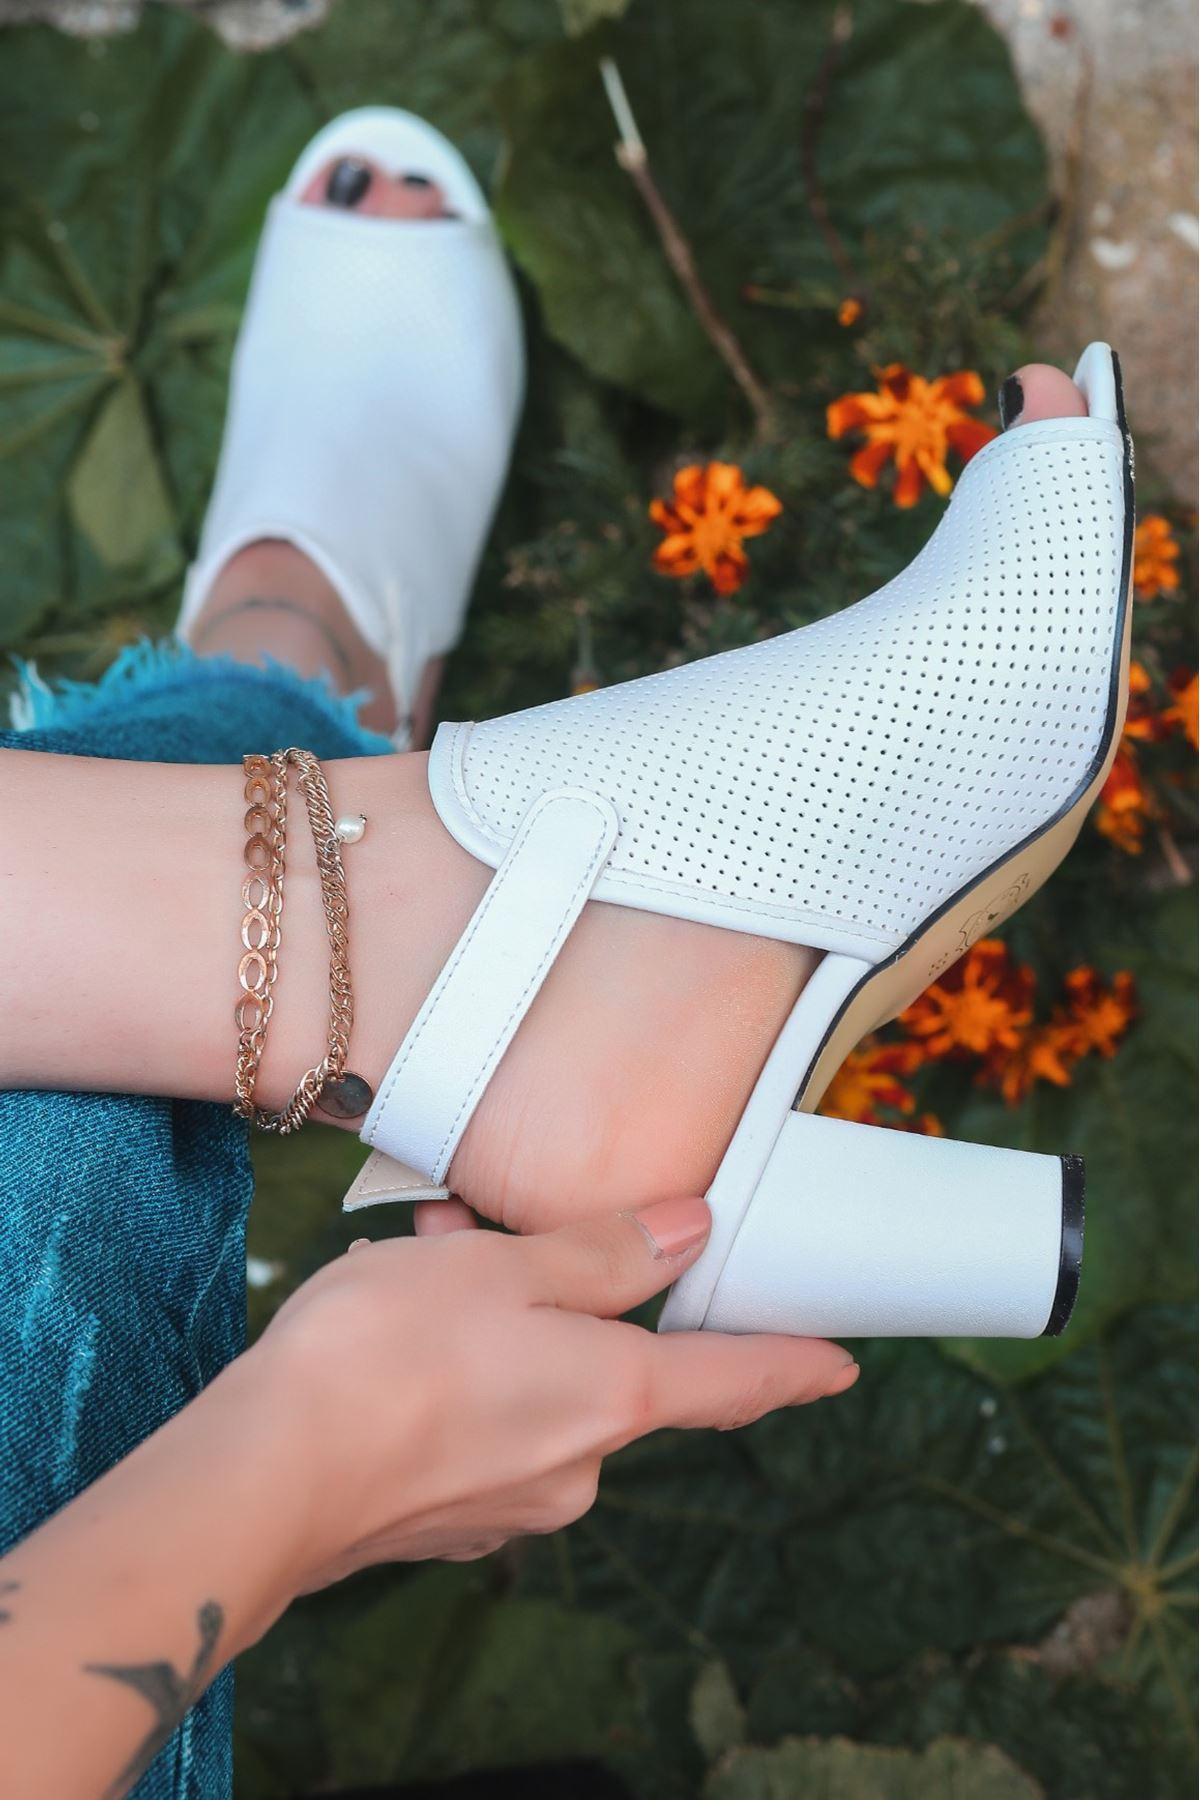 Mario Beyaz Cilt Fileli Topuklu Ayakkabı